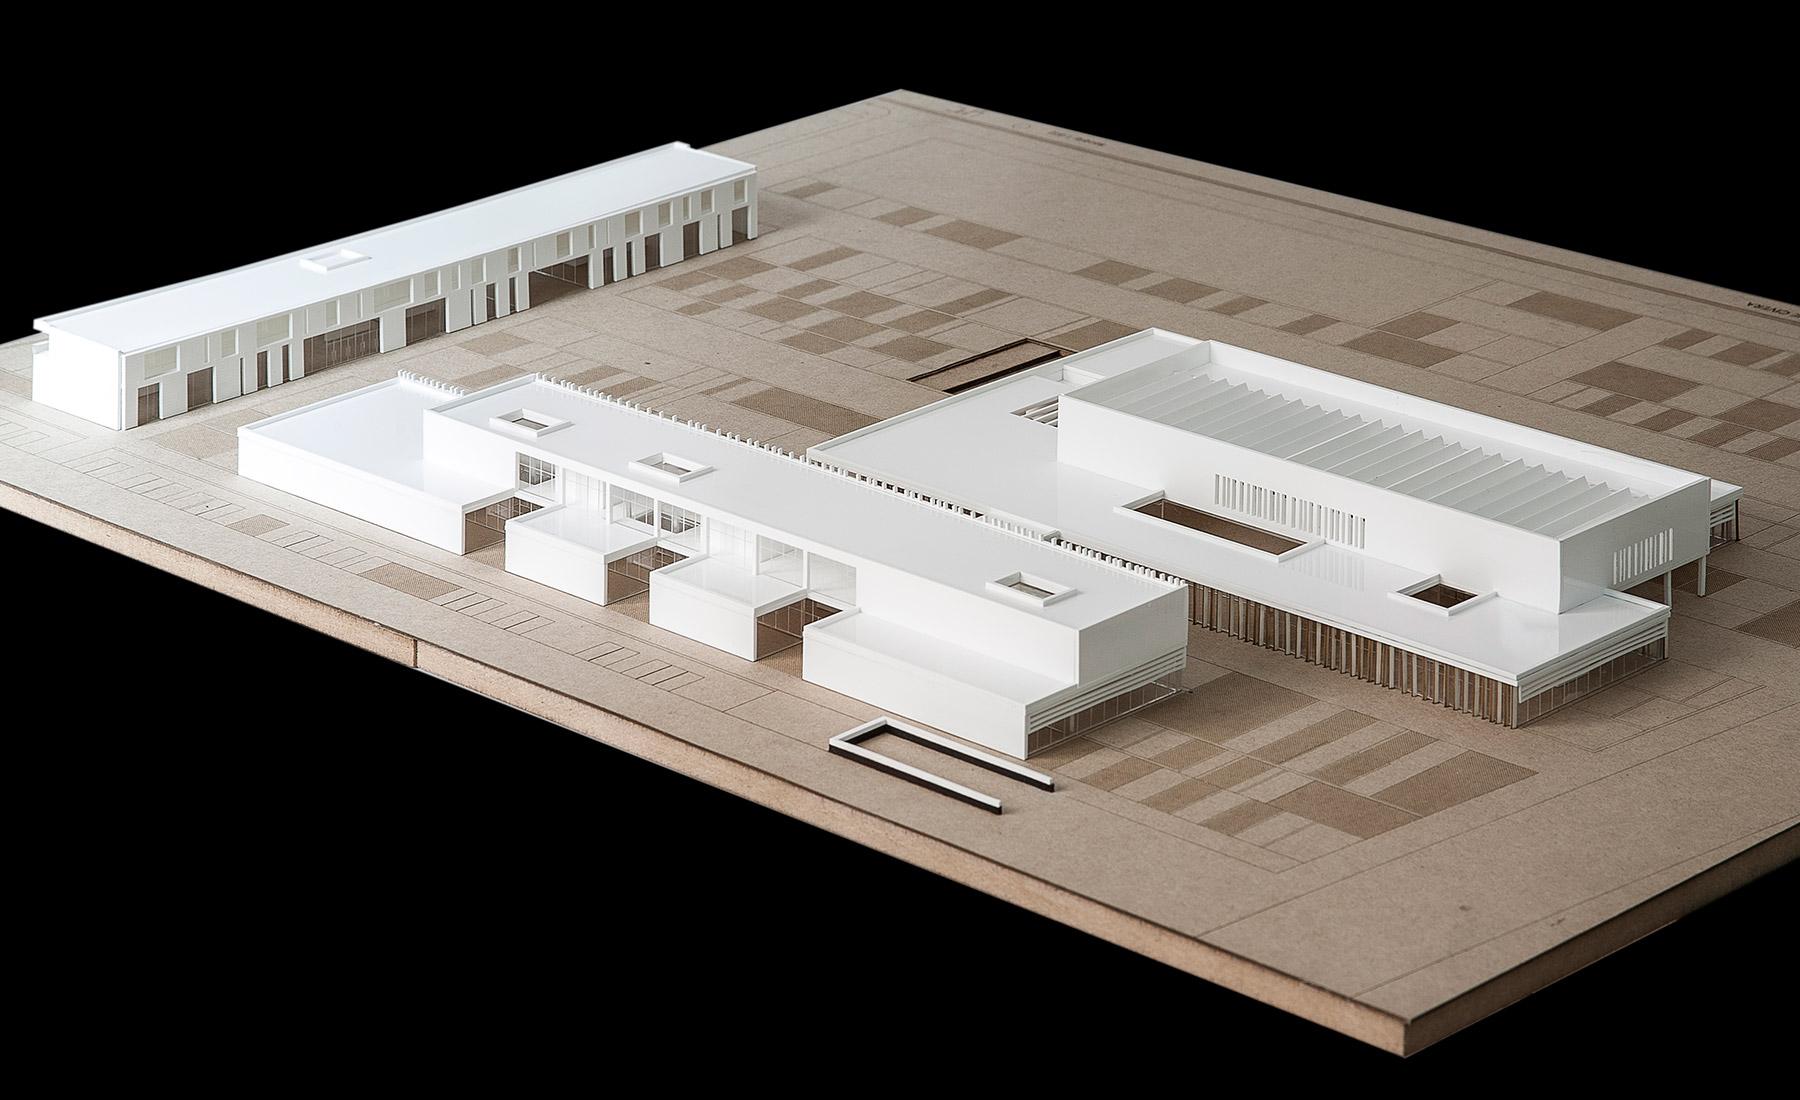 maqueta-arquitectura-architecture-model-pfc-Universidad-Popular-Valencia (2)